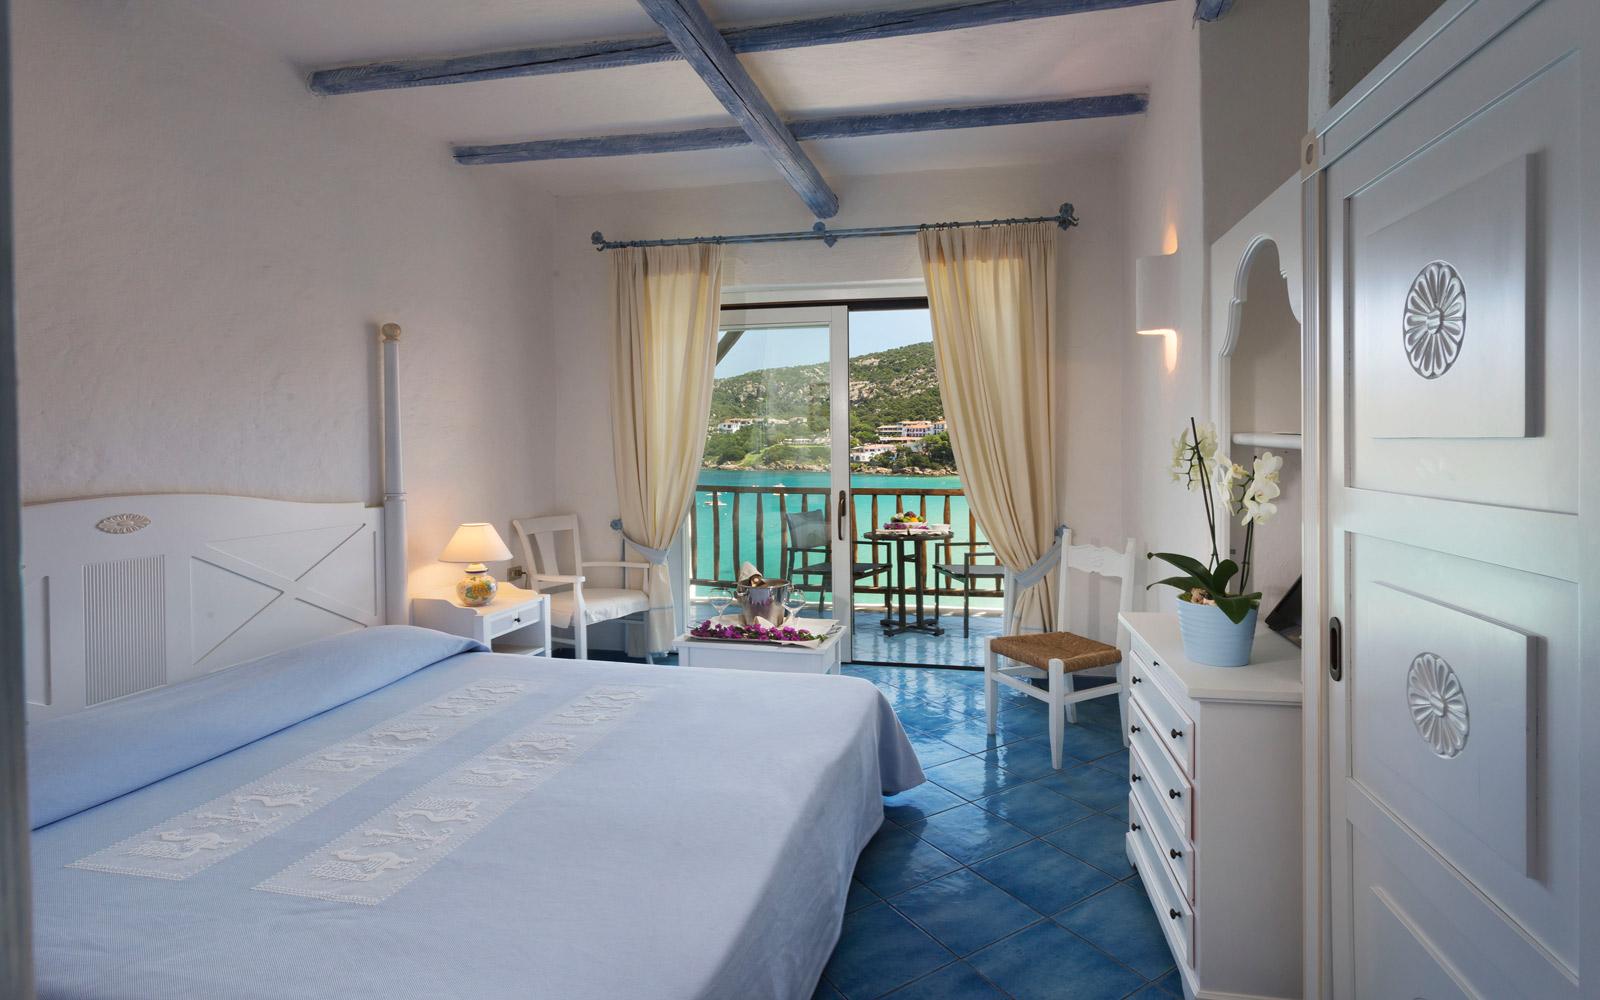 Sea View Room - Club Hotel